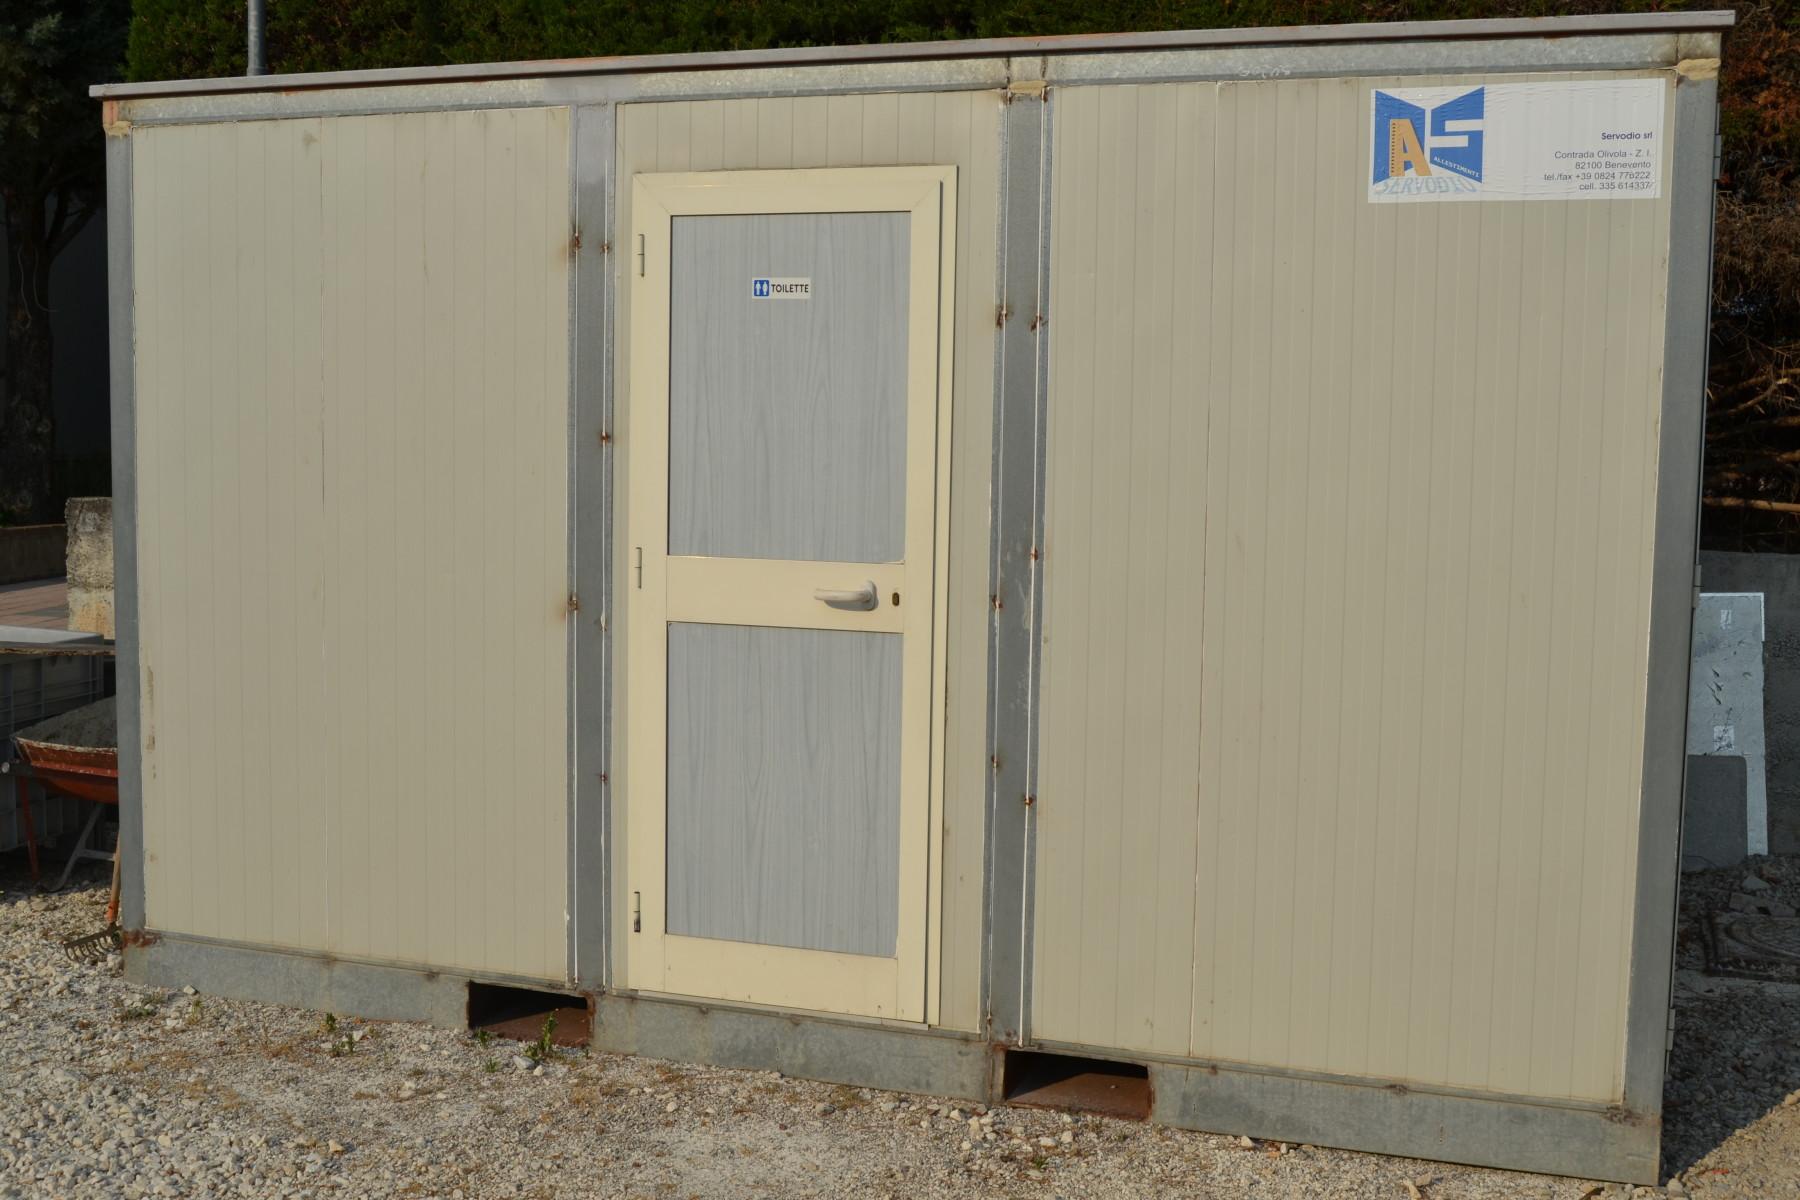 Bagni Container - ALLESTIMENTI SERVODIO